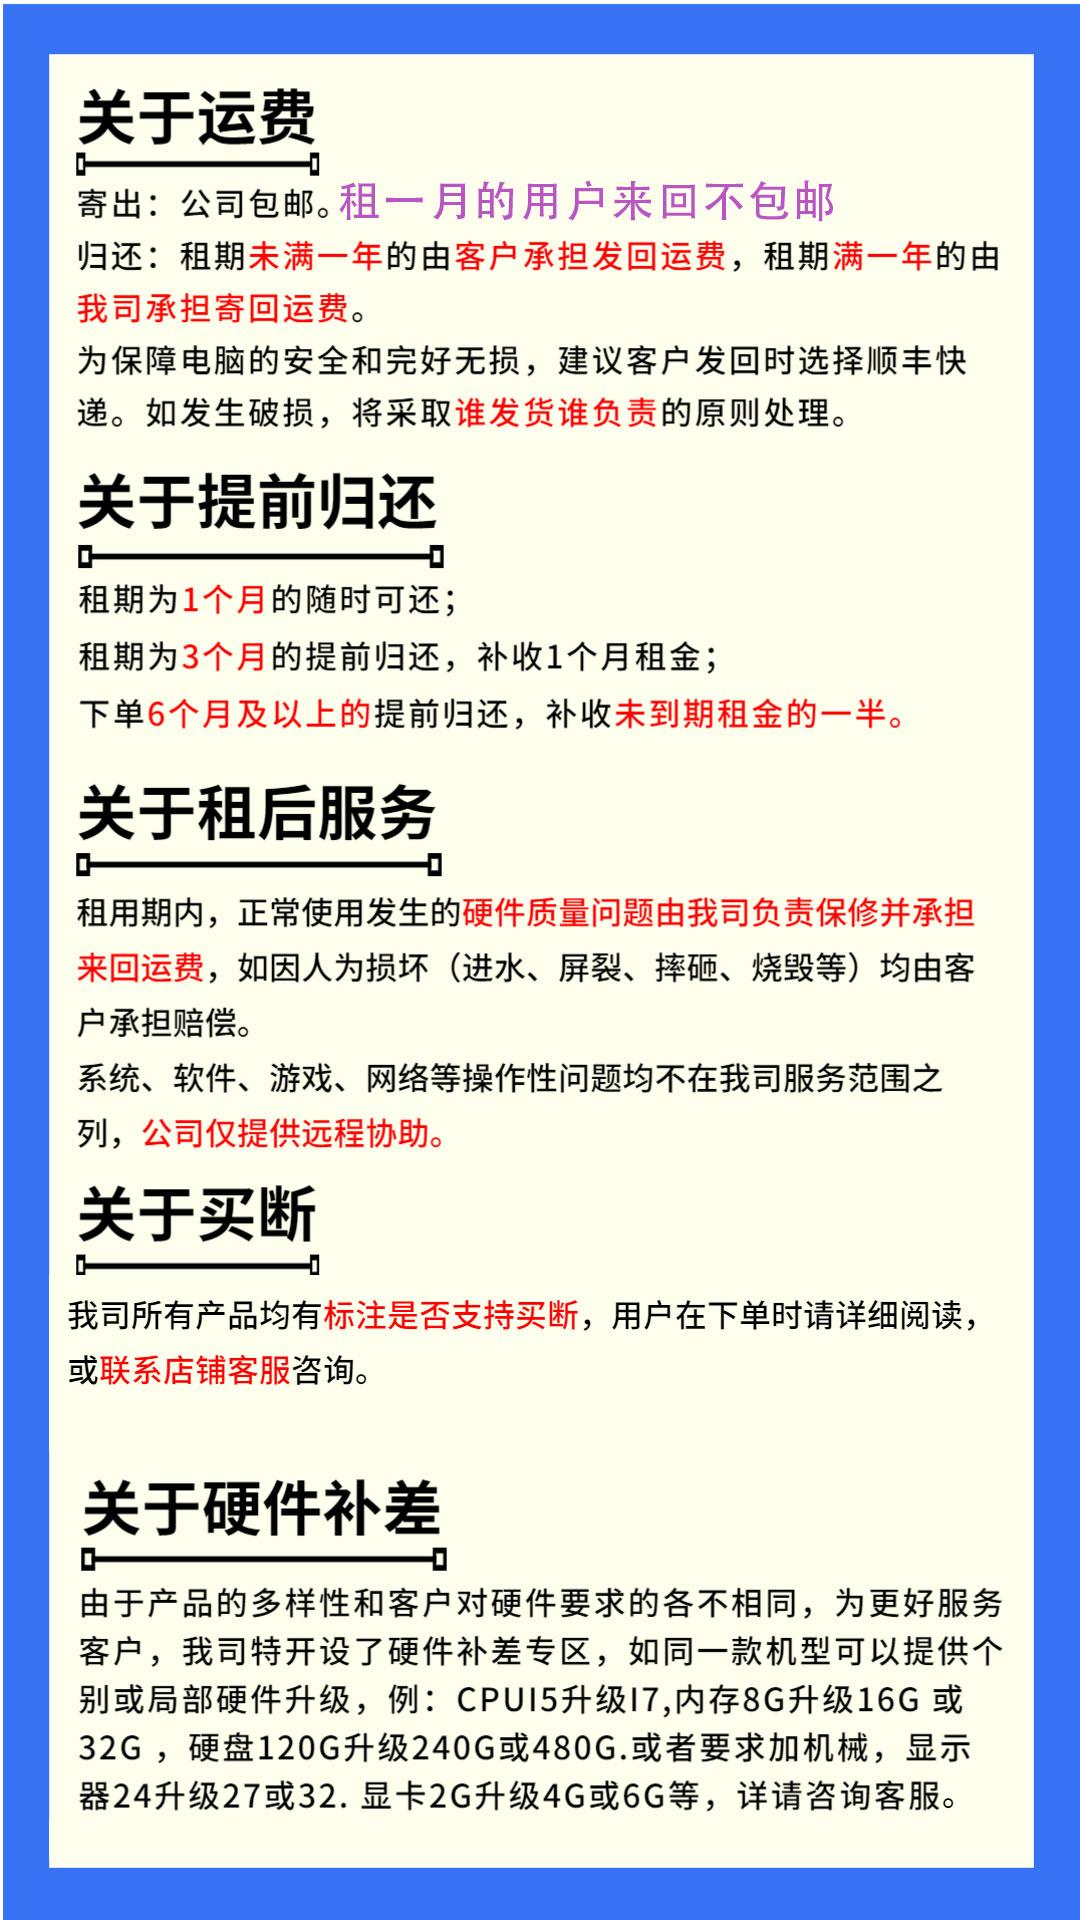 说明_无联系方式.jpg